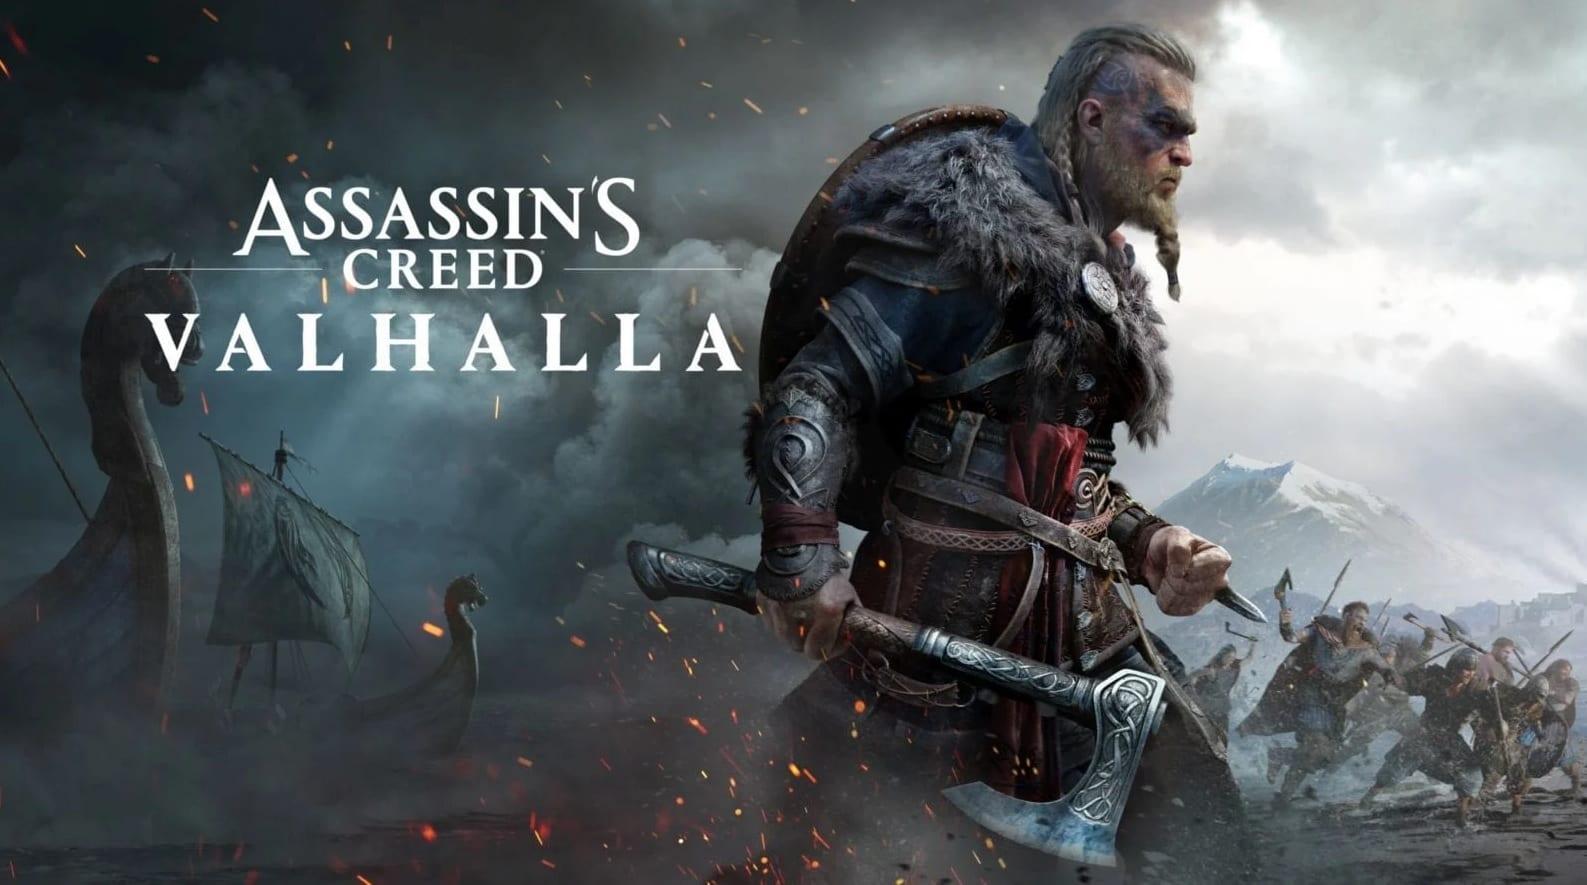 دليلك الكُلي وما تحتاج لمعرفته عن Assassin's Creed Valhalla المرتقبة! - عرب  هاردوير